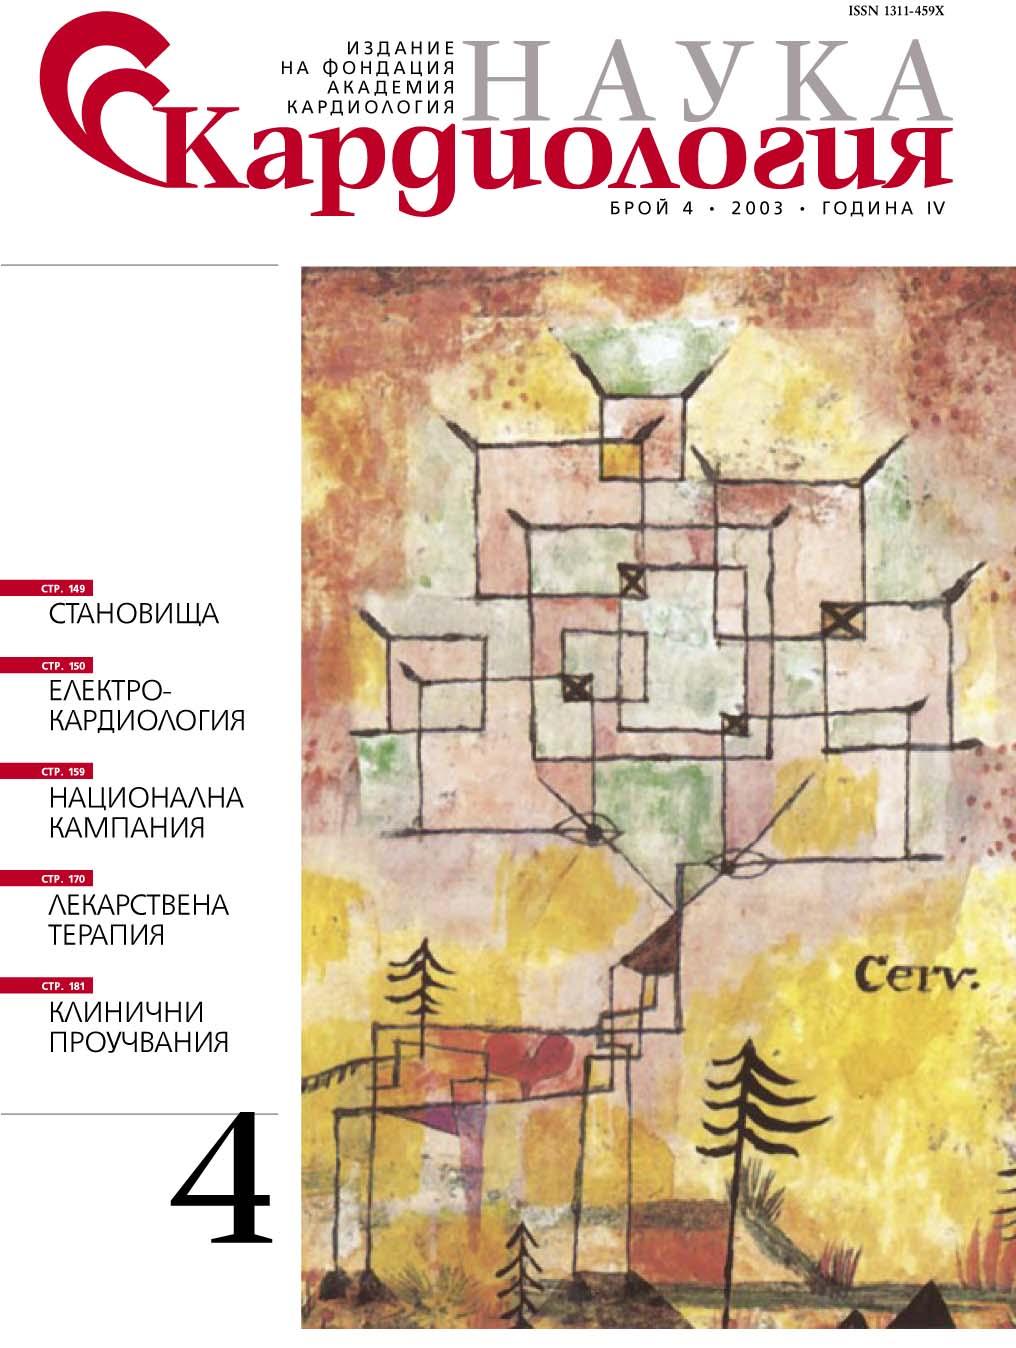 Наука Кардиология 4/2003